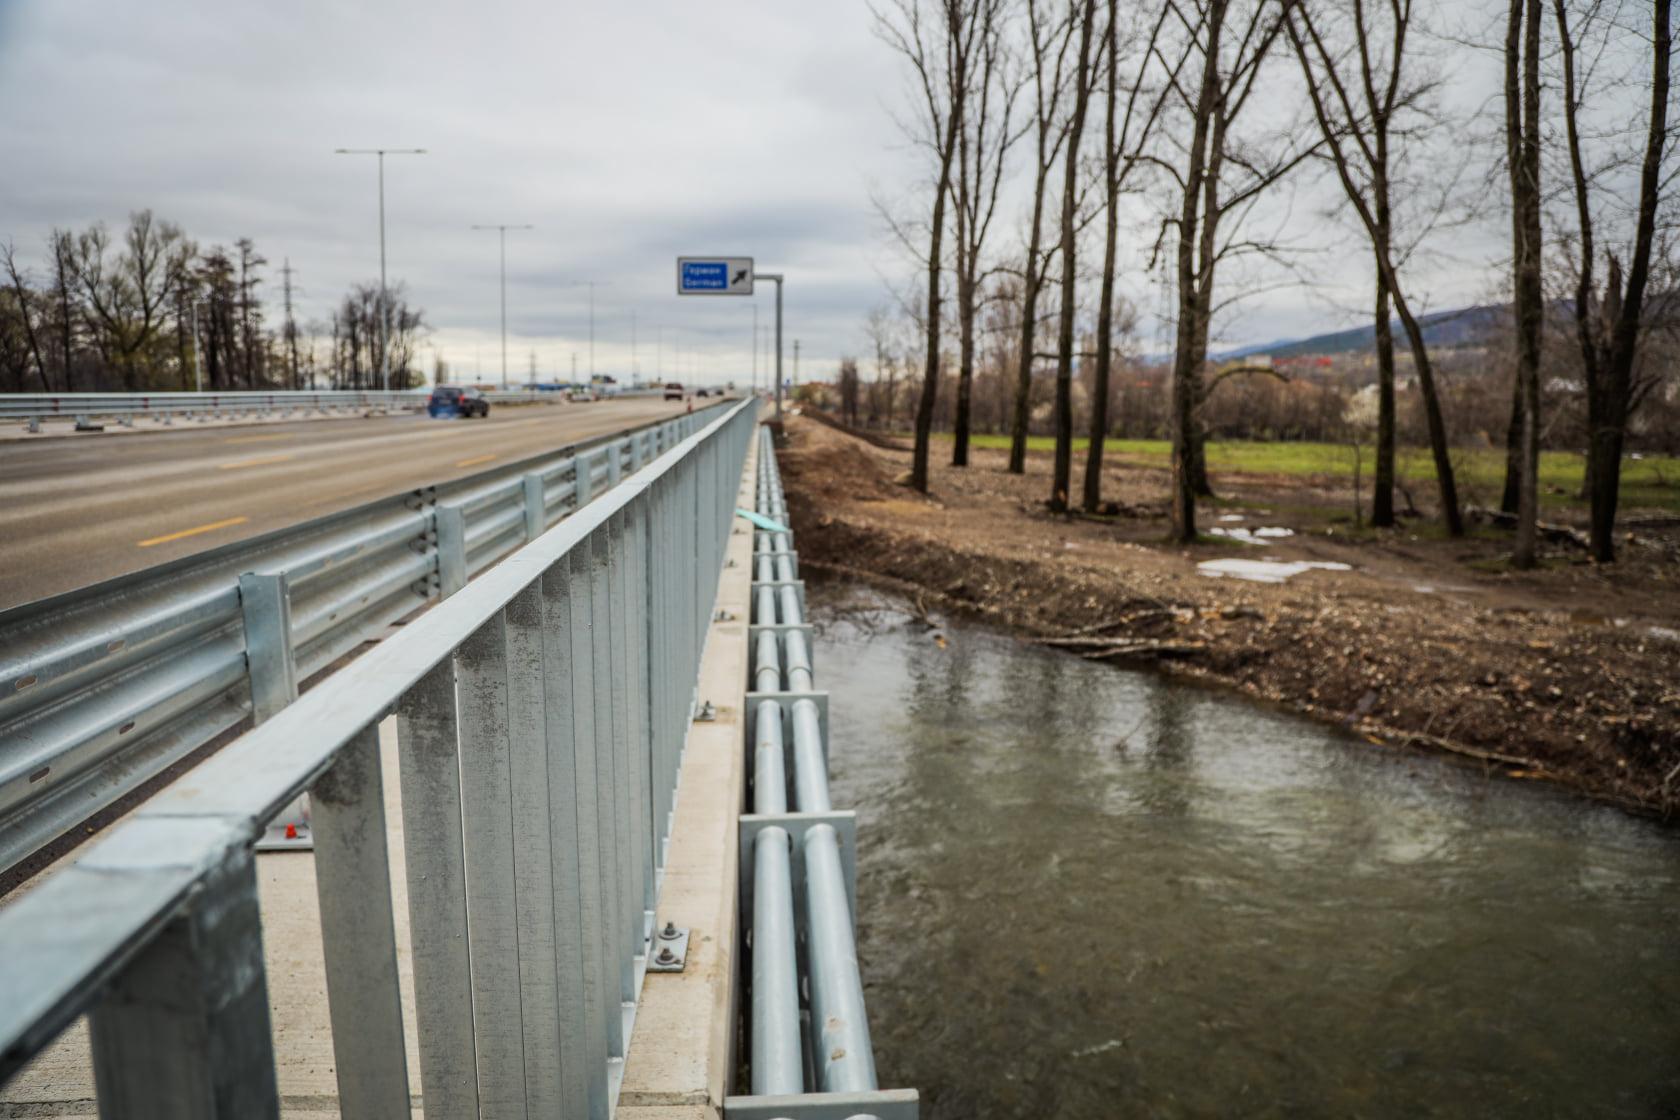 Започна контролирано изпускане на язовирите Панчарево, Мърчаево, Мрамор и С